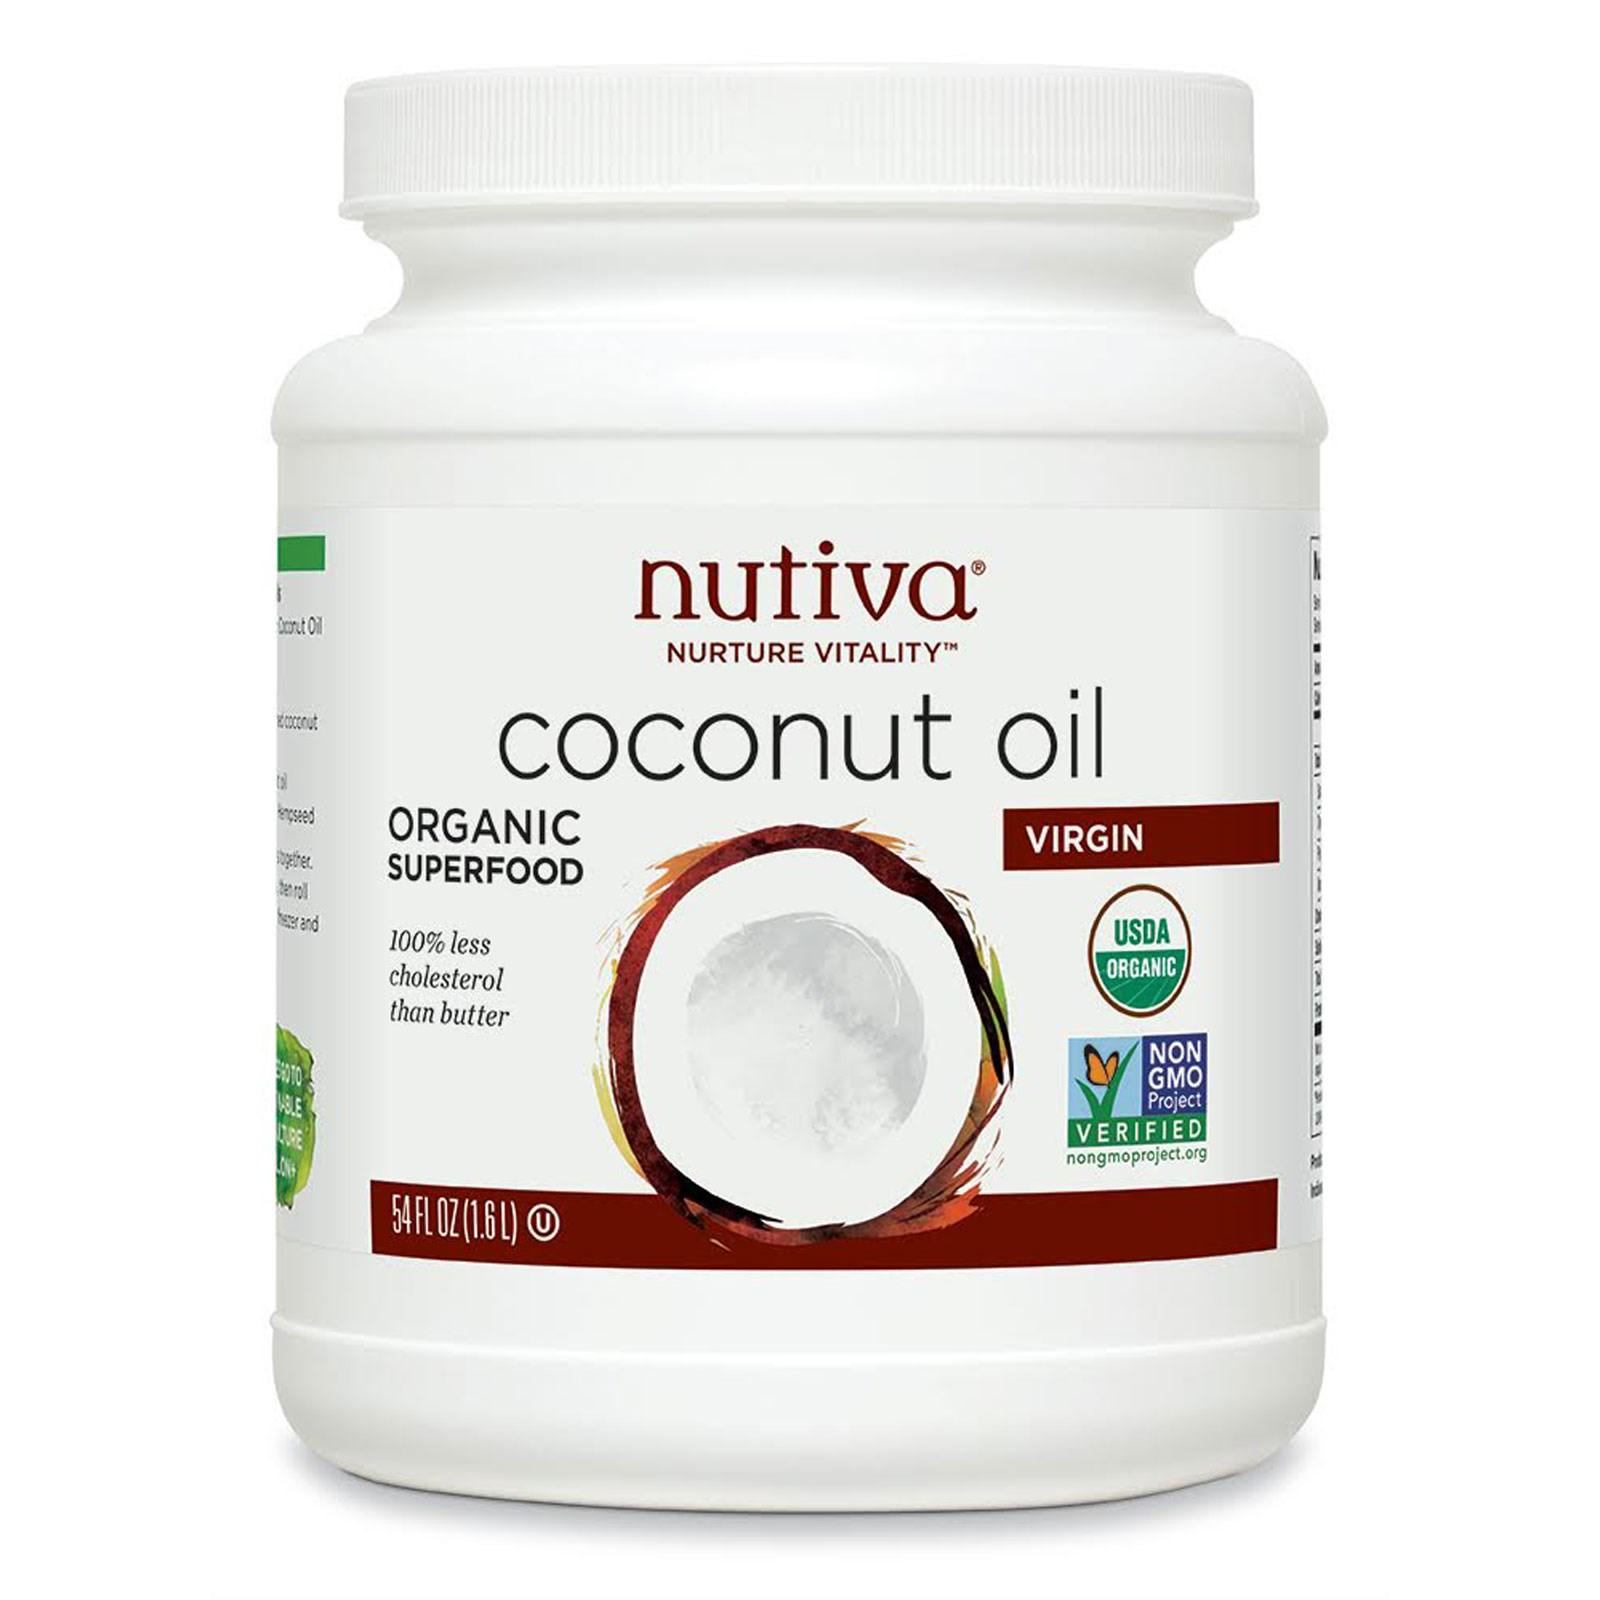 органическое кокосовое масло первого отжима Nutiva (1,6 л)